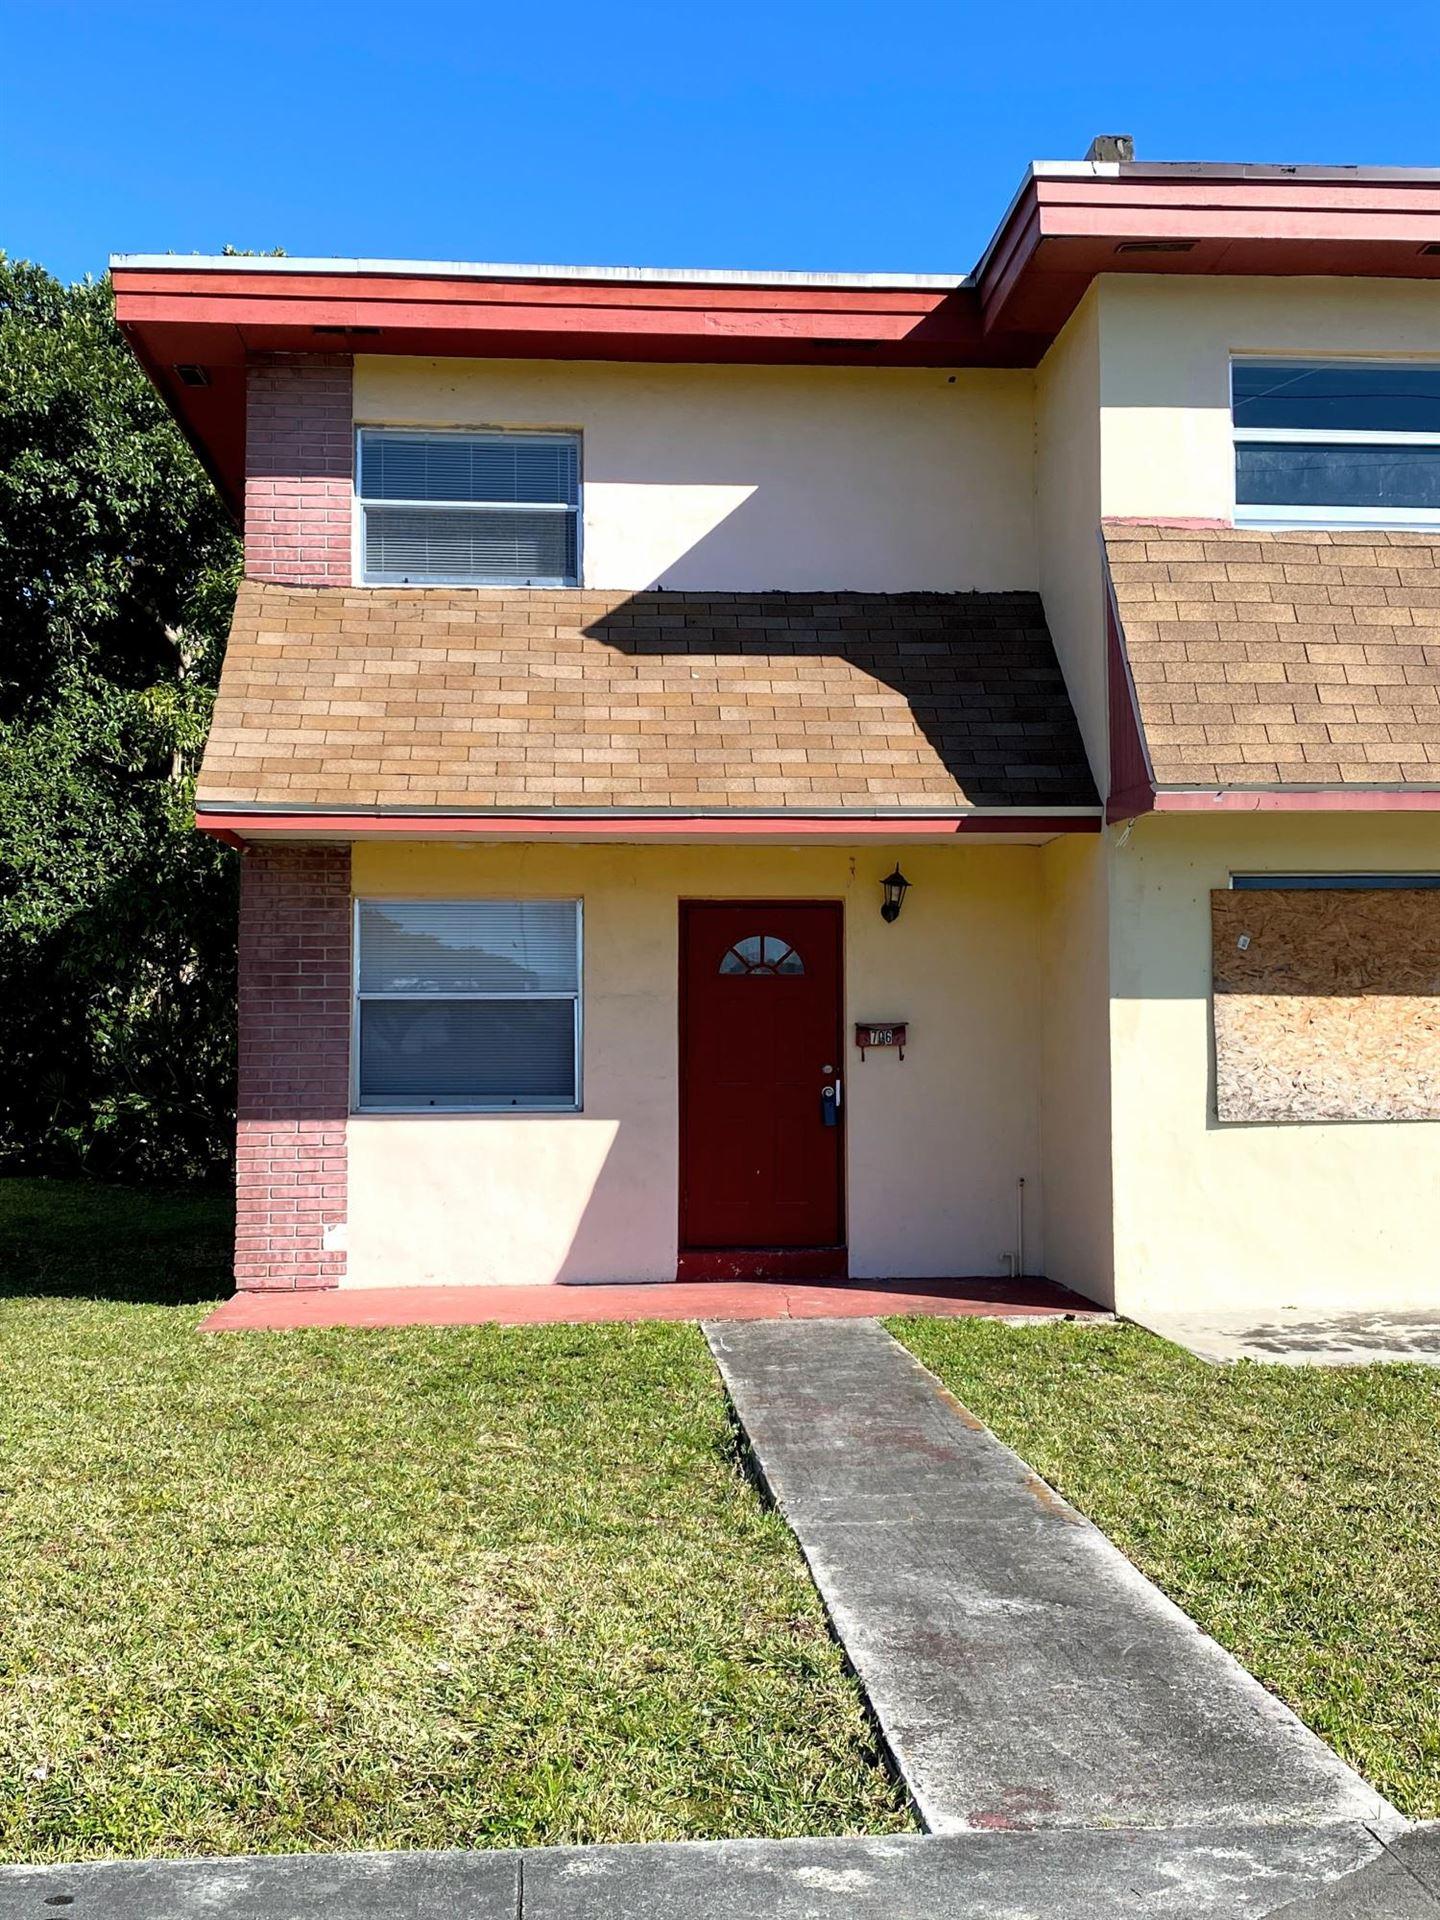 706 NW 2nd Avenue, Hallandale Beach, FL 33009 - #: RX-10687266